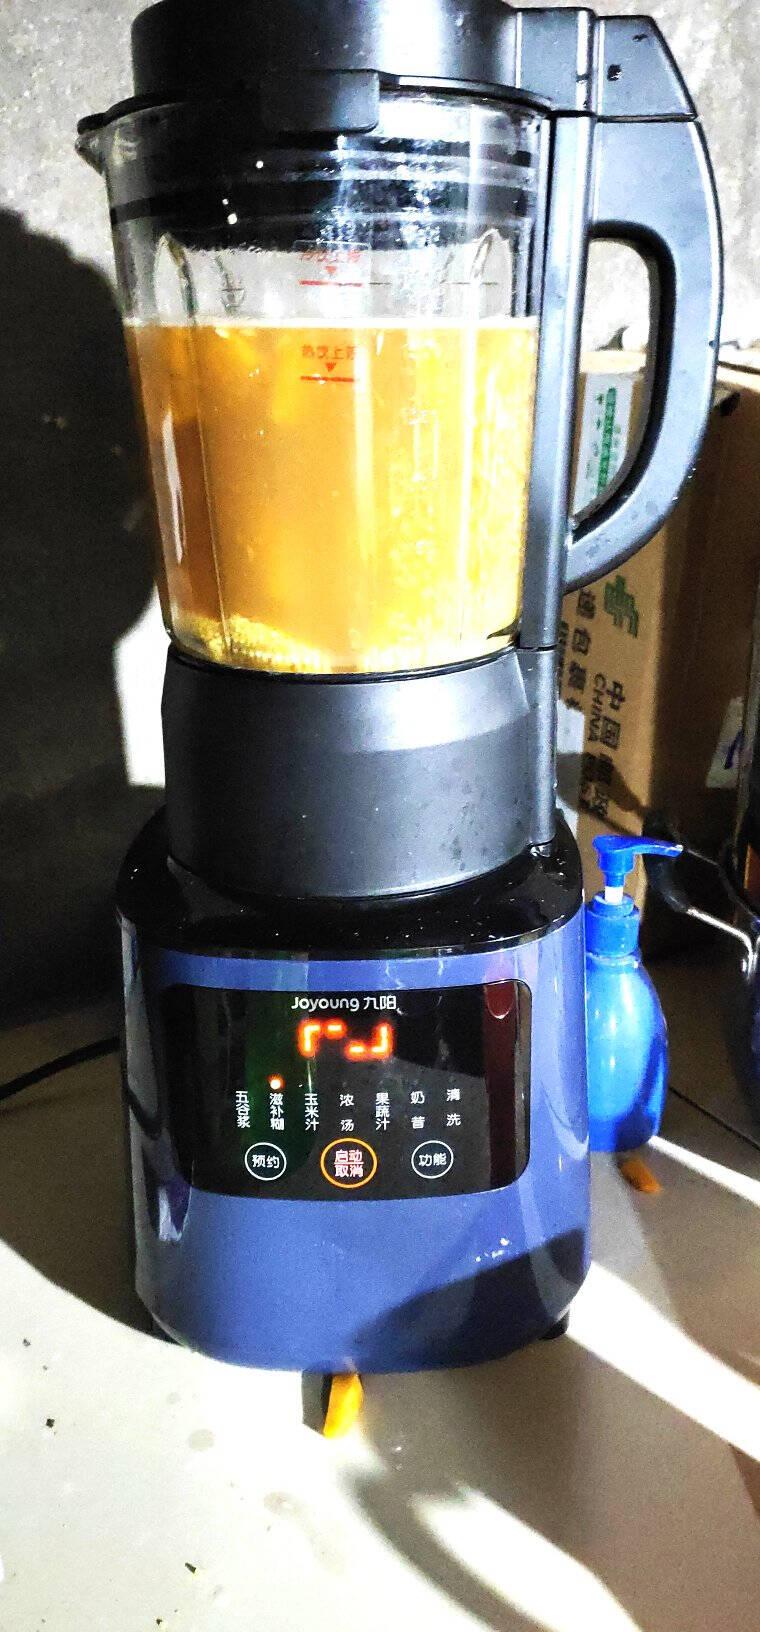 九阳(Joyoung)破壁机多功能家用预约加热破壁榨汁机豆浆机料理机果汁机辅食机L18-P601